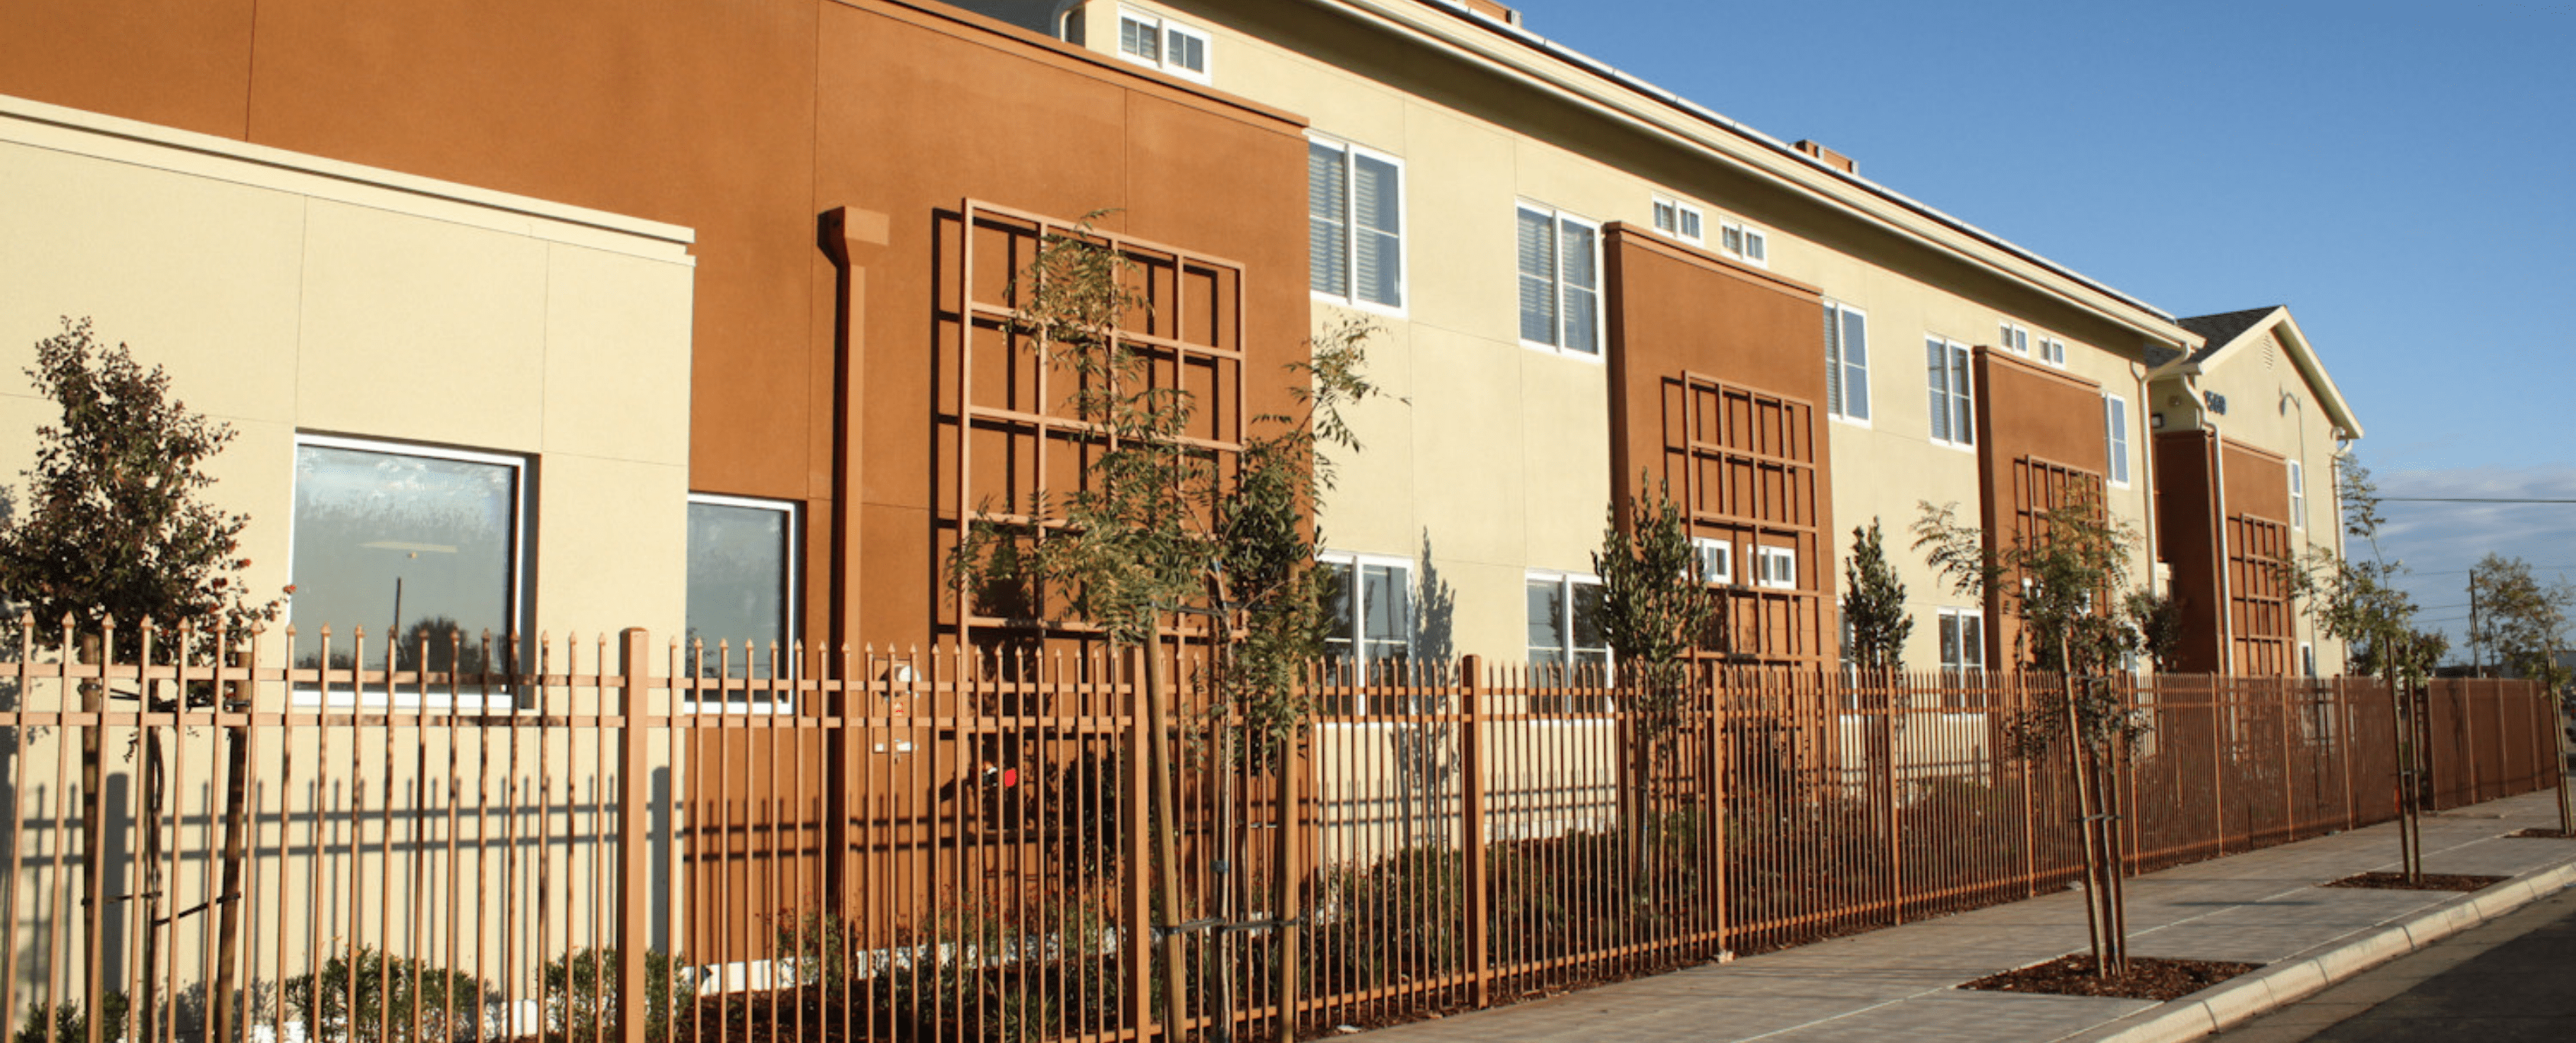 Image of Renaissance at Santa Clara in Fresno, California